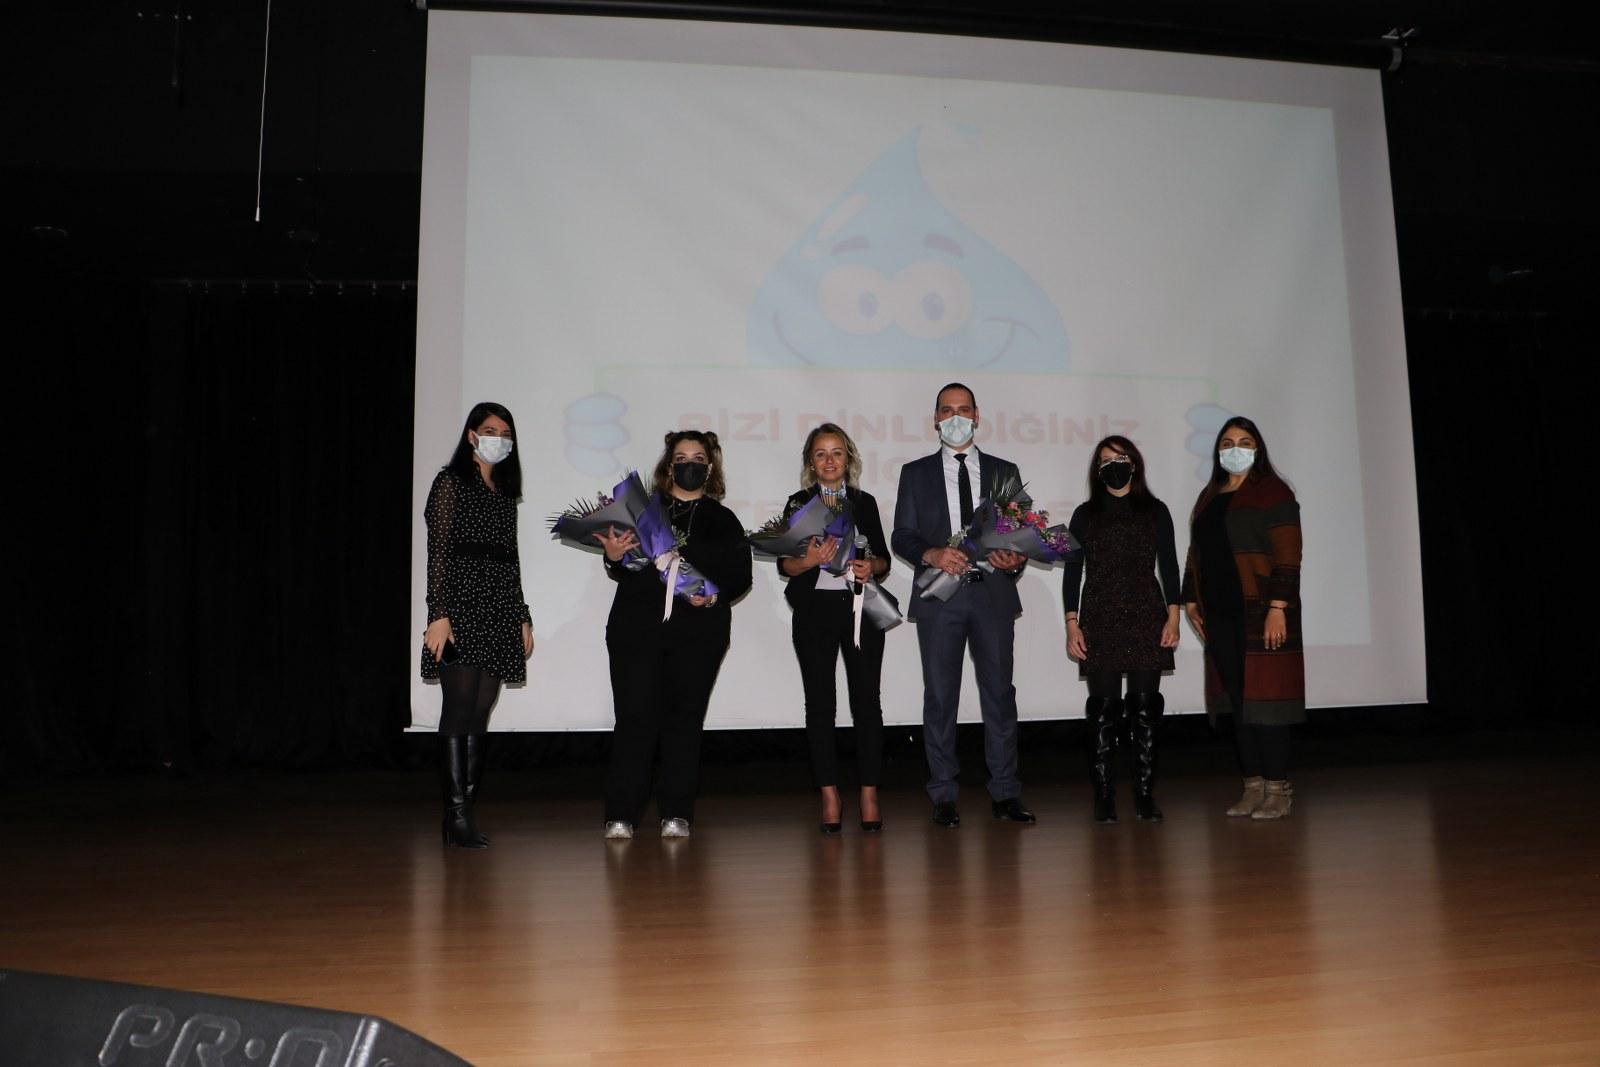 Manisa'da öğrencilere su bilinci aşılandı